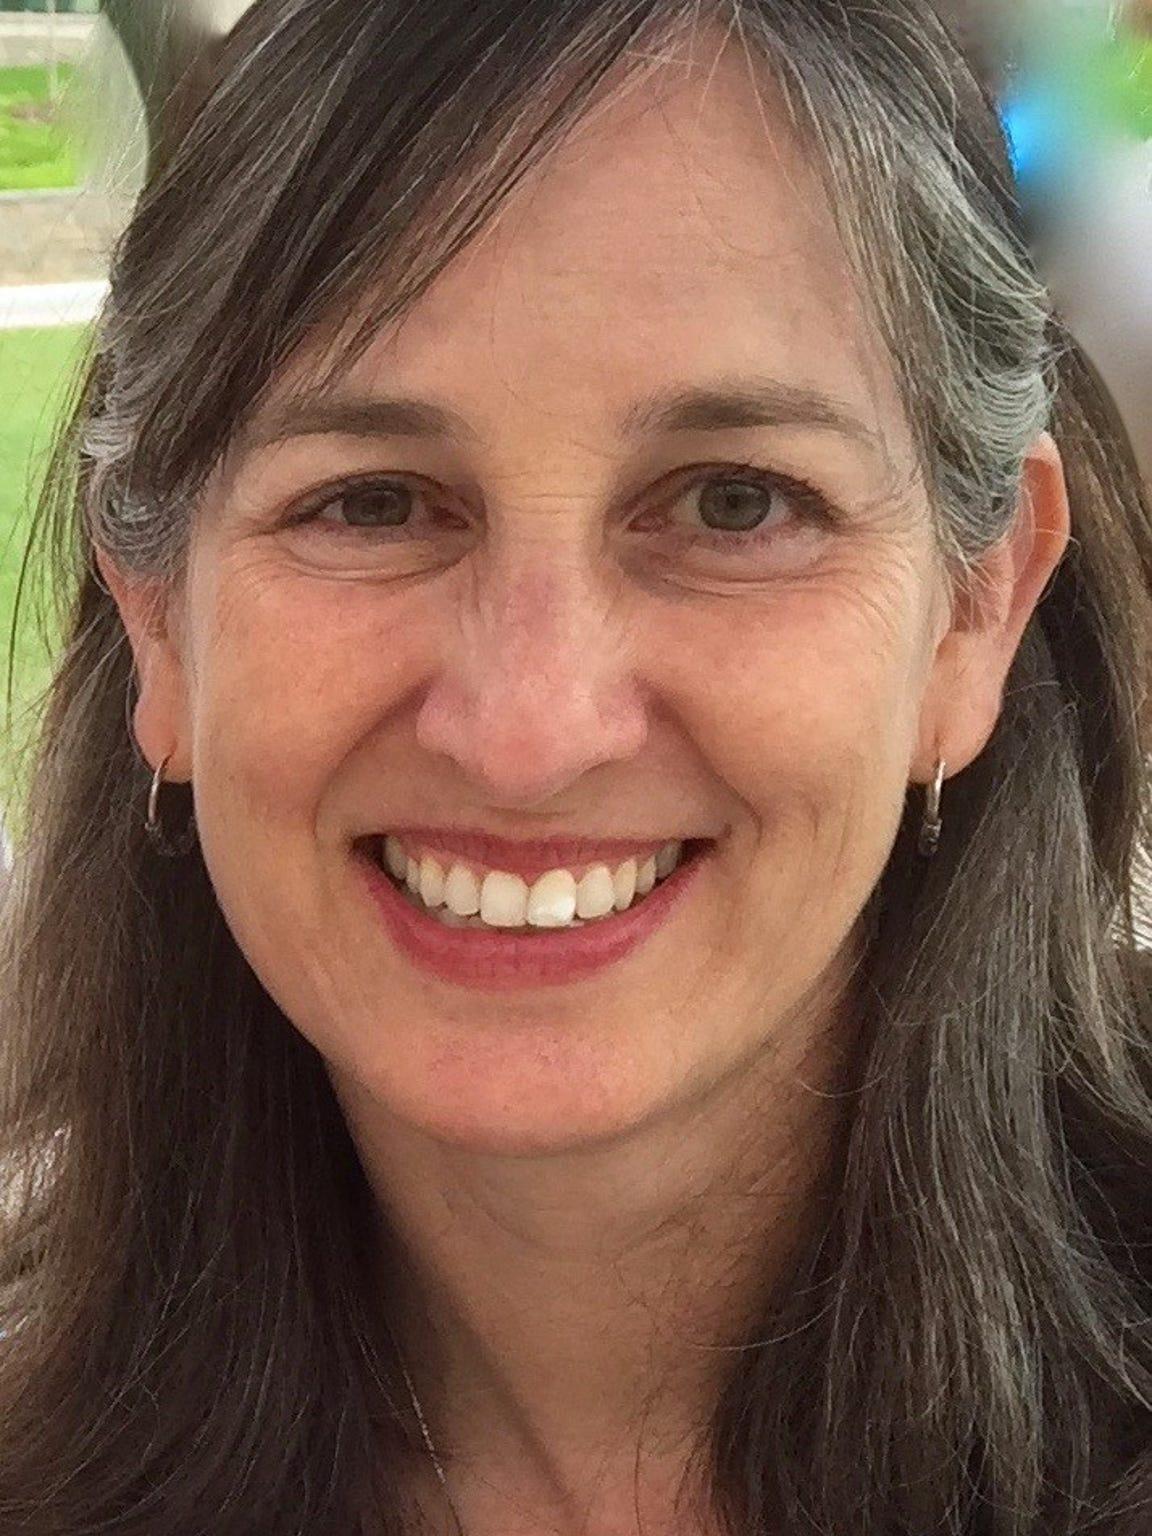 Sunita Patterson of Unitarian Universalist Congregation